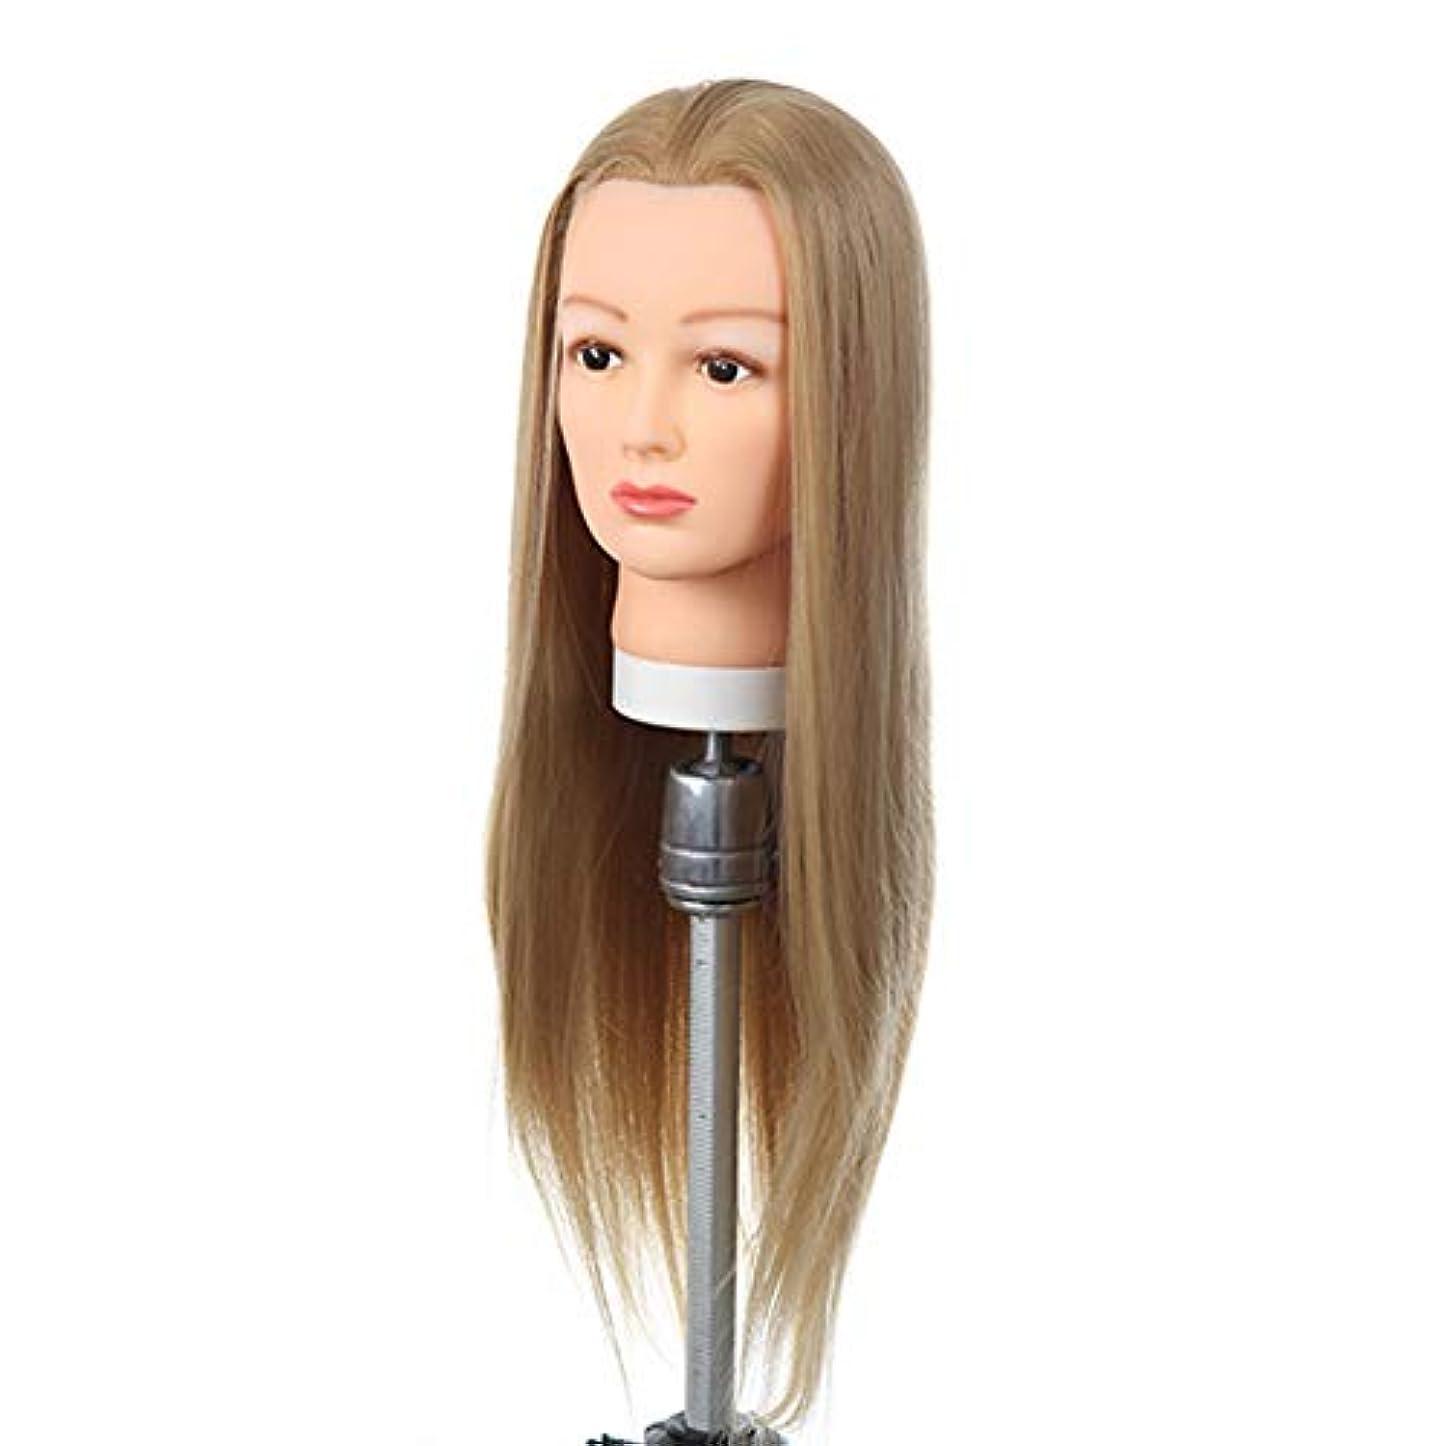 可能参加する松明高温シルクヘアエクササイズヘッド理髪店トリムヘアトレーニングヘッドブライダルメイクスタイリングヘアモデルダミーヘッド